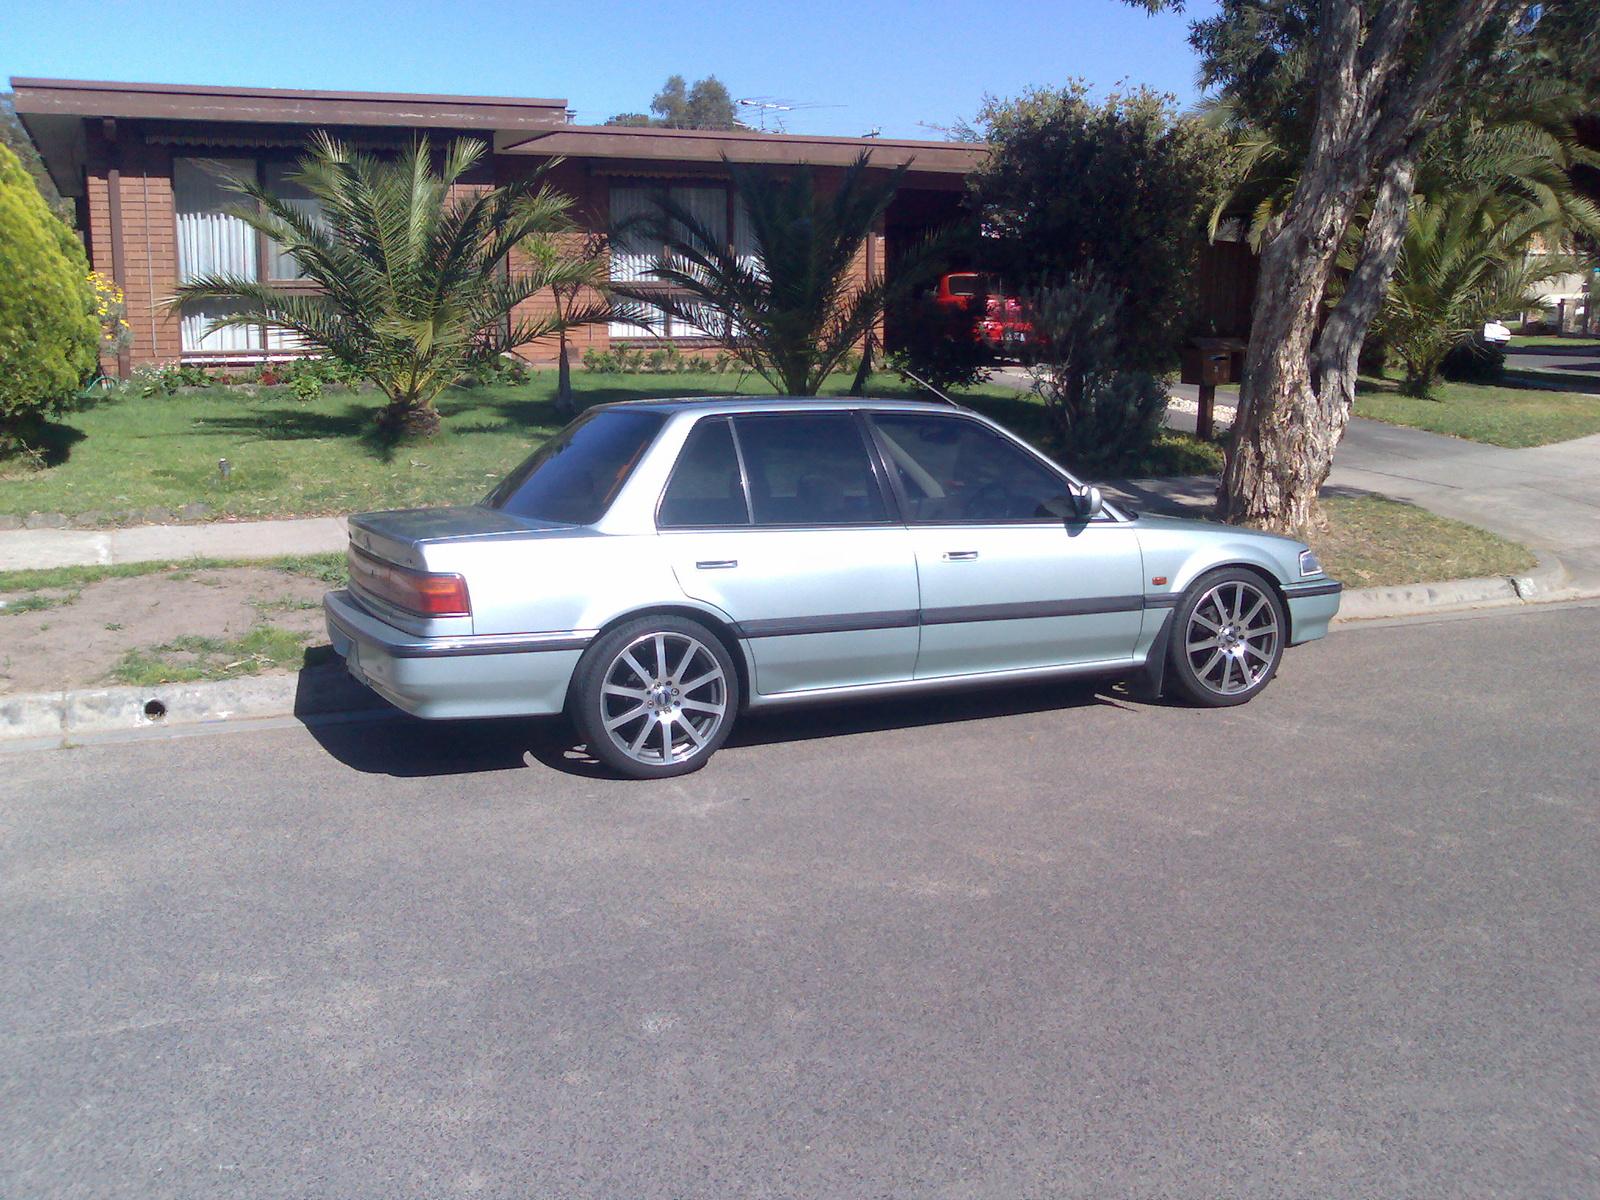 1990 honda civic sedan pictures for 1990 honda civic motor